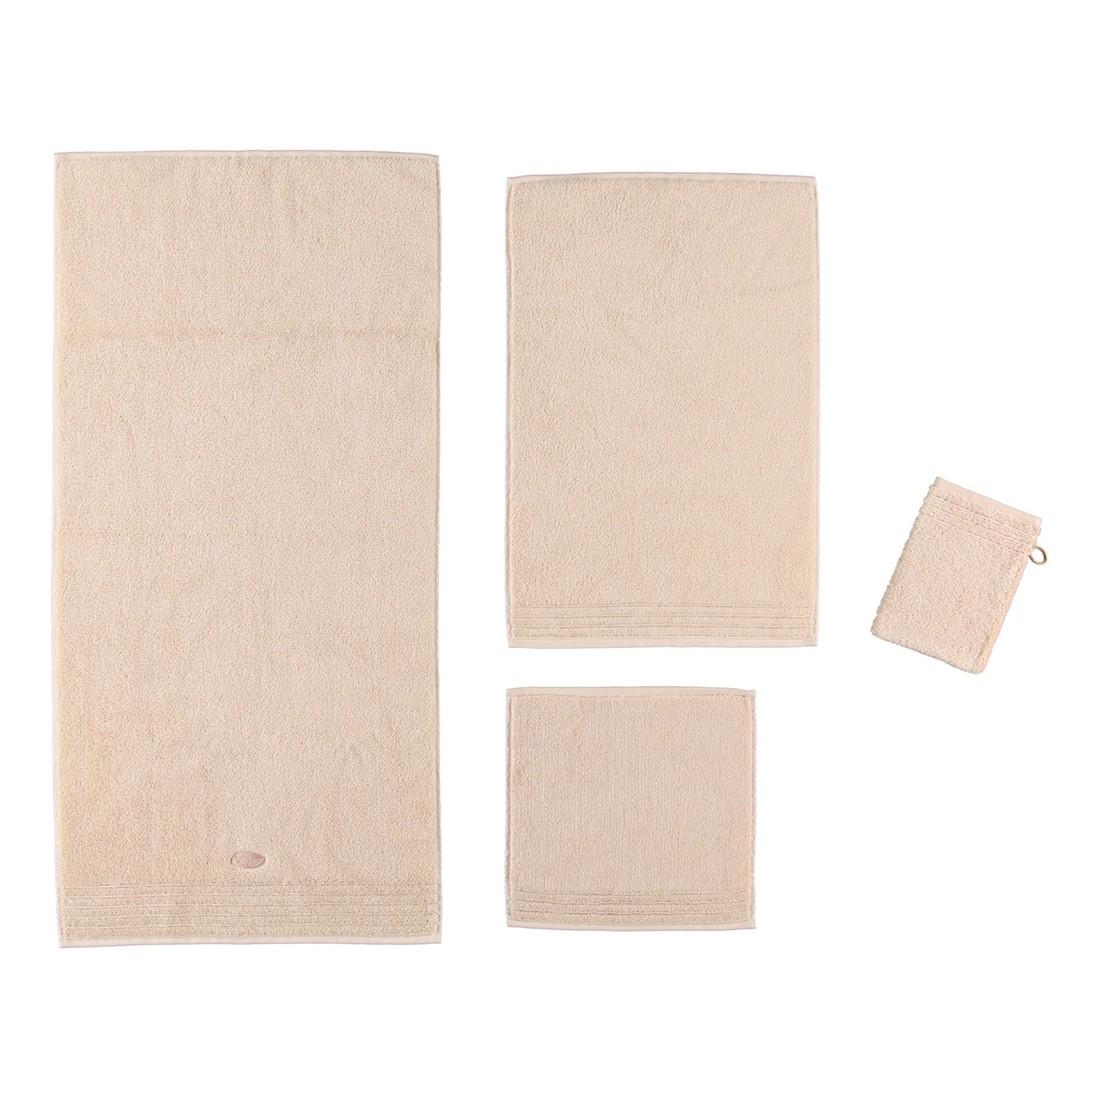 Handtuch Dreams – 100% Baumwolle ceramic – 609 – Handtuch: 60 x 110 cm, Vossen günstig bestellen